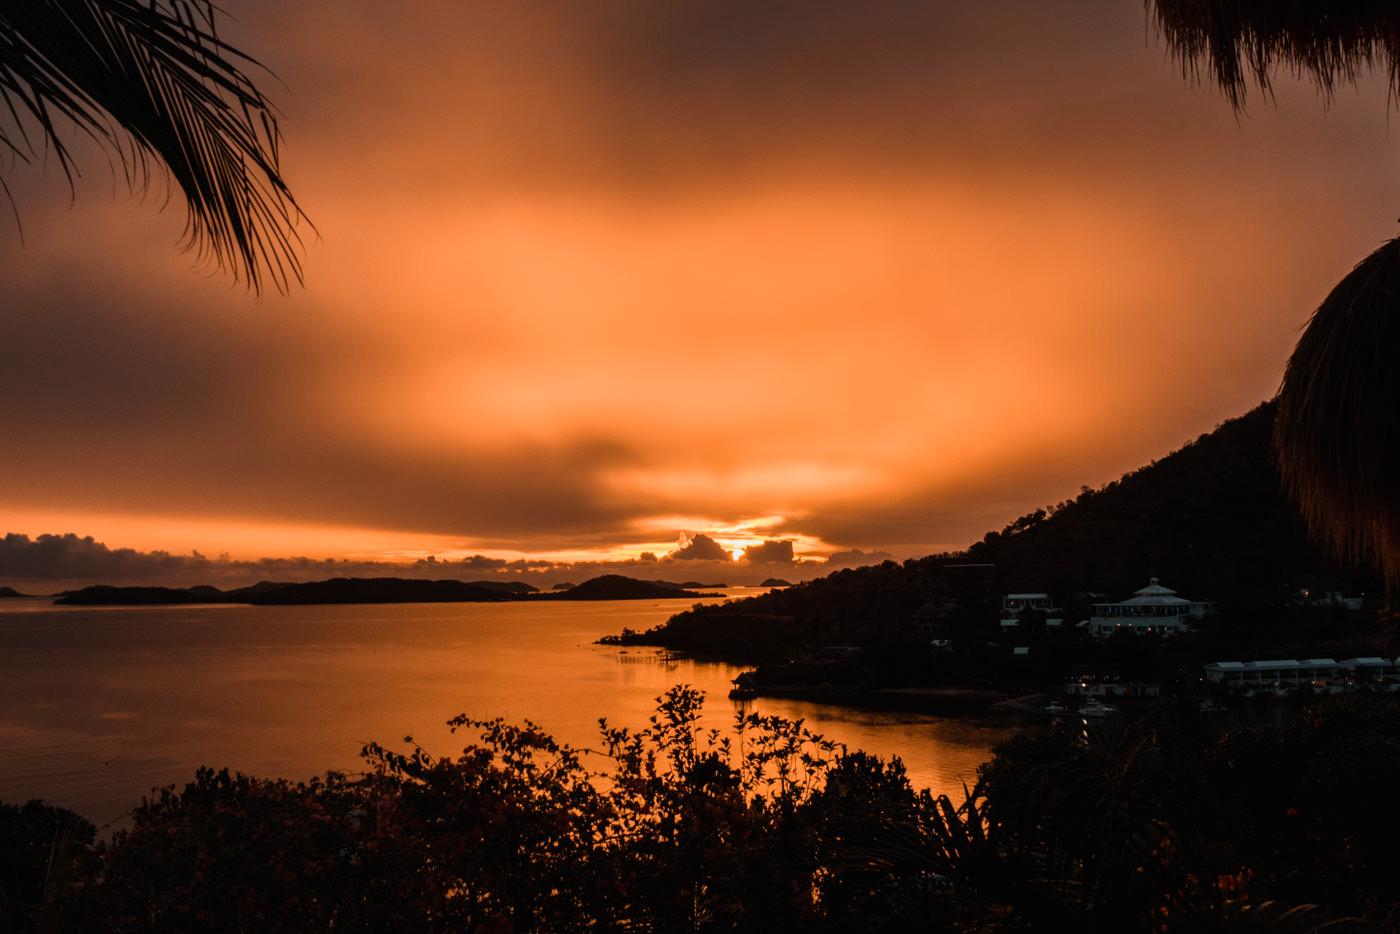 Sonnenuntergang bei Conception bei Busuanga